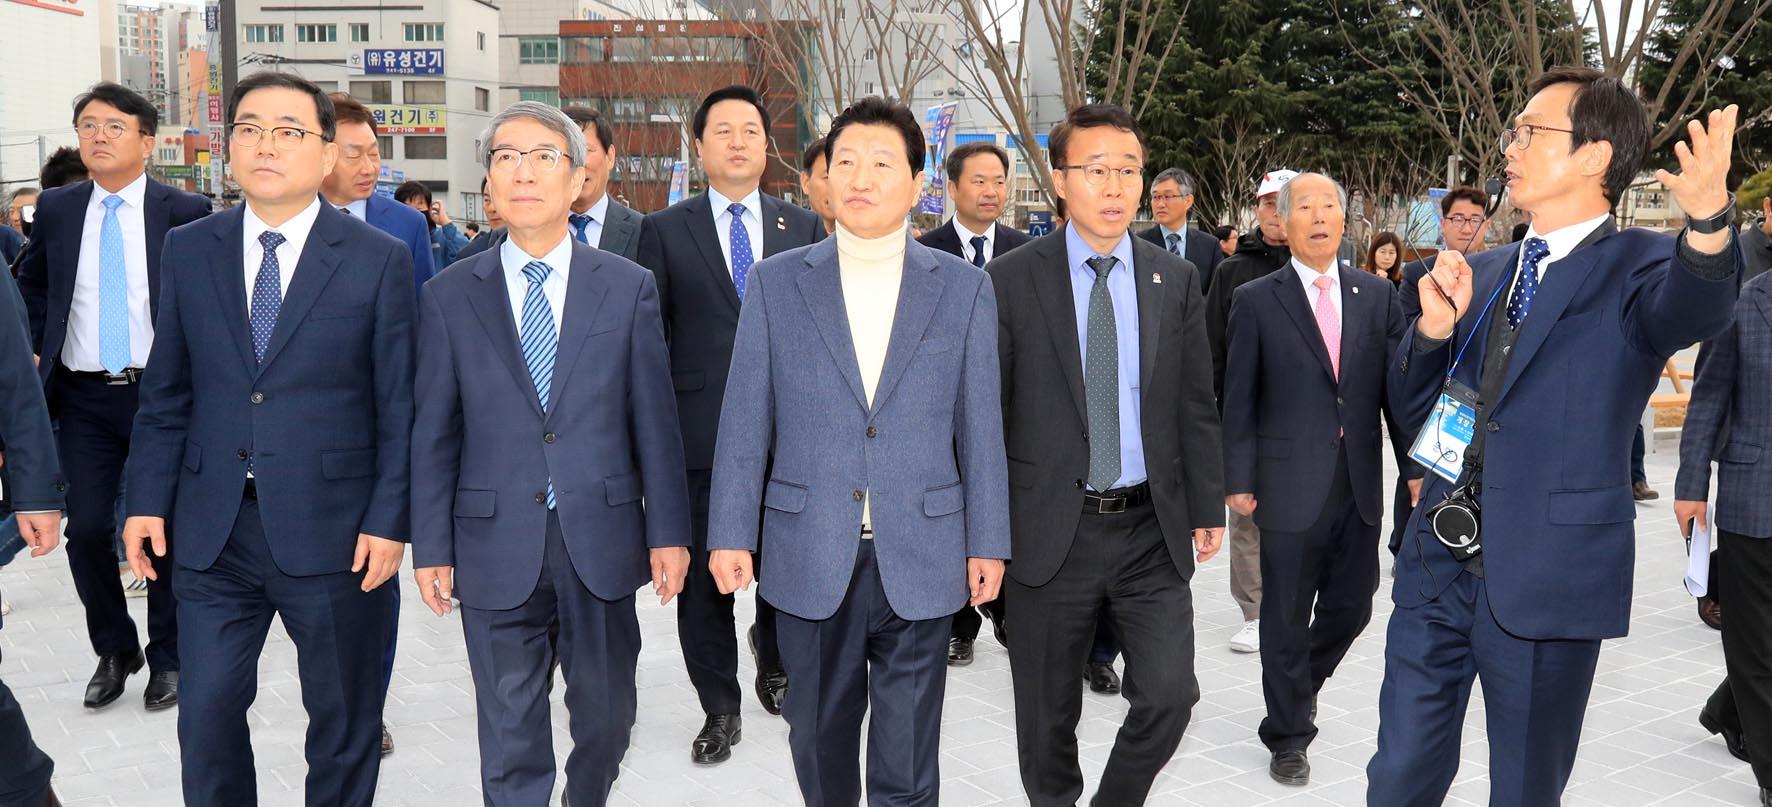 창원NC파크마산구장 개장식 개최 3 번째 이미지